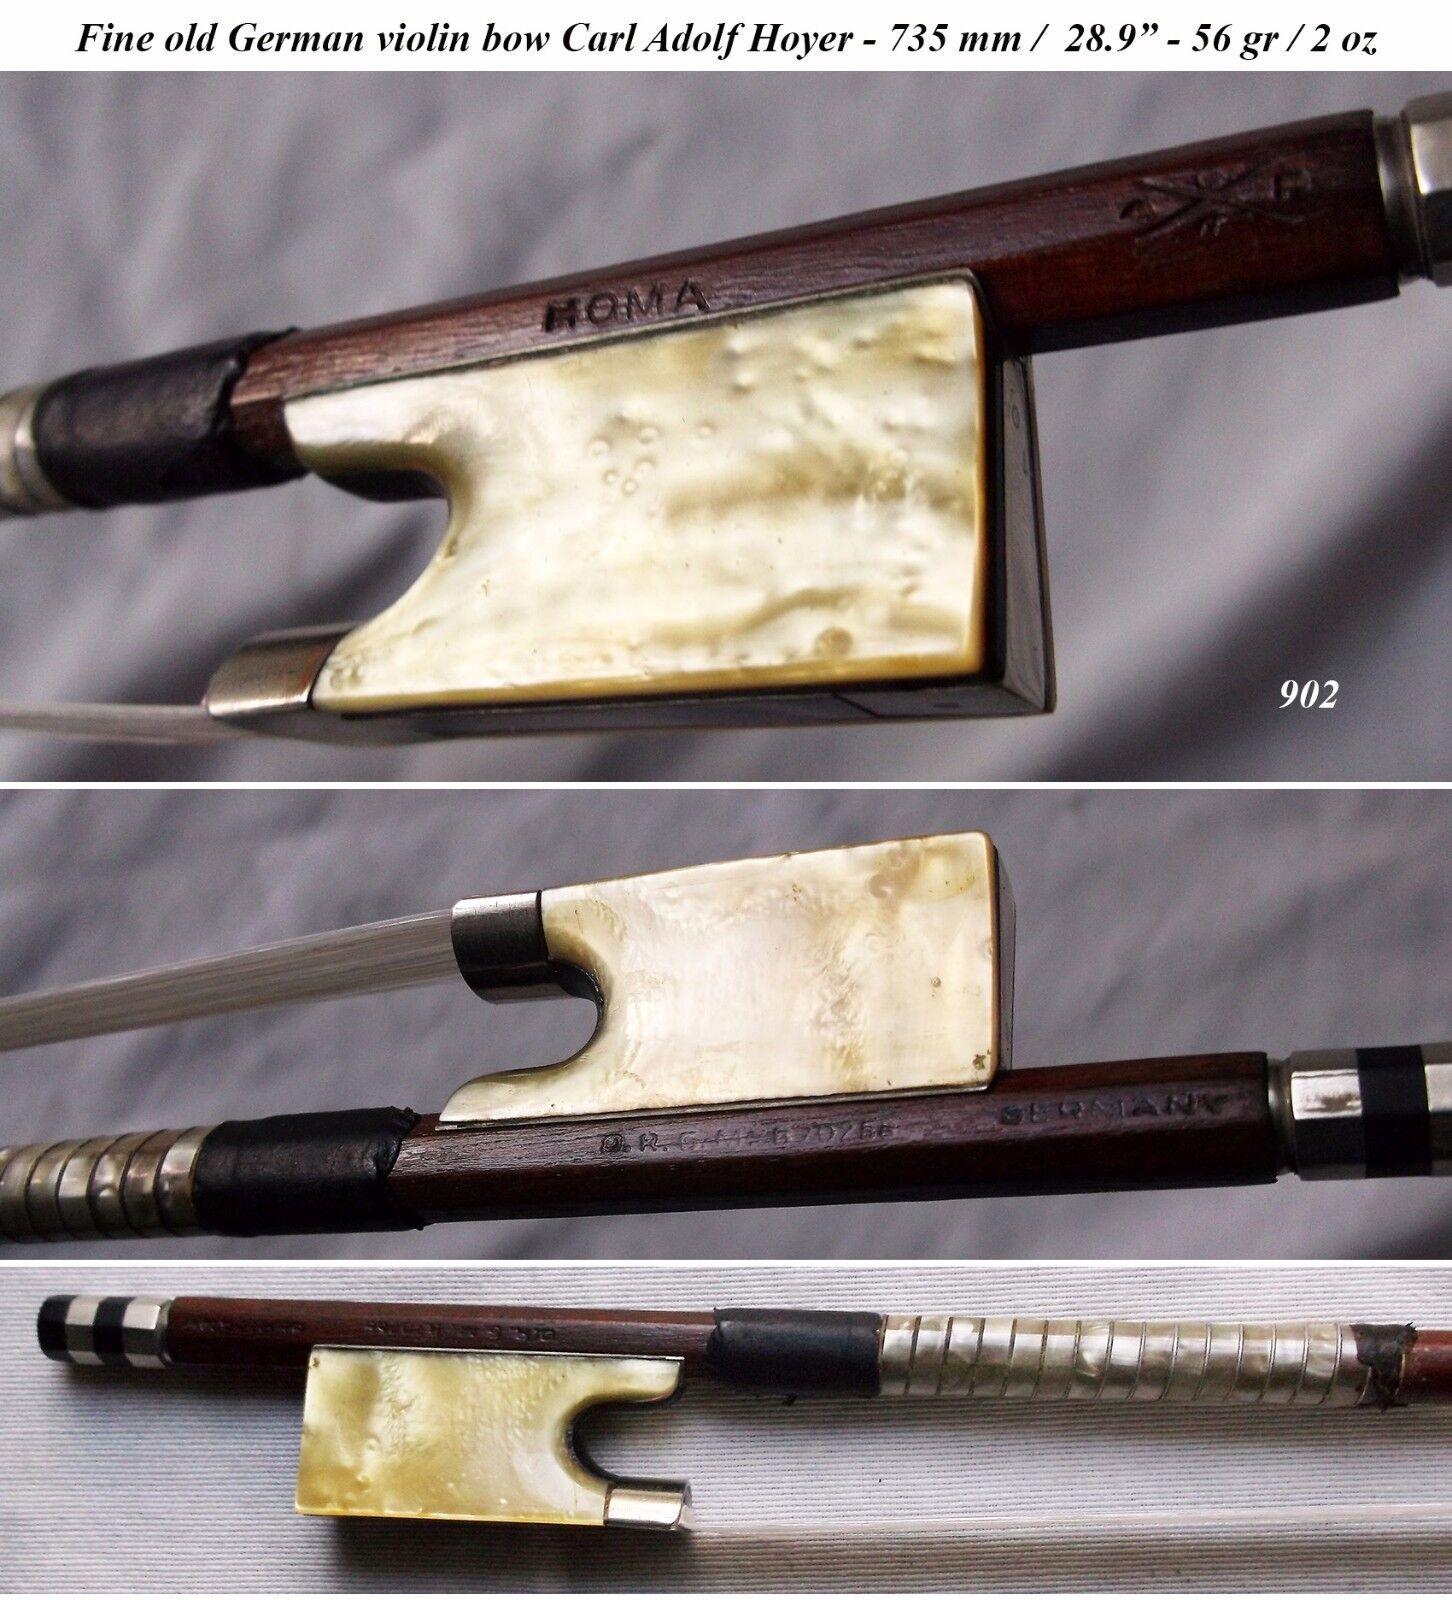 FINE OLD GERMAN MASTER VIOLIN BOW C. A. HOYER Seltene Antiquität